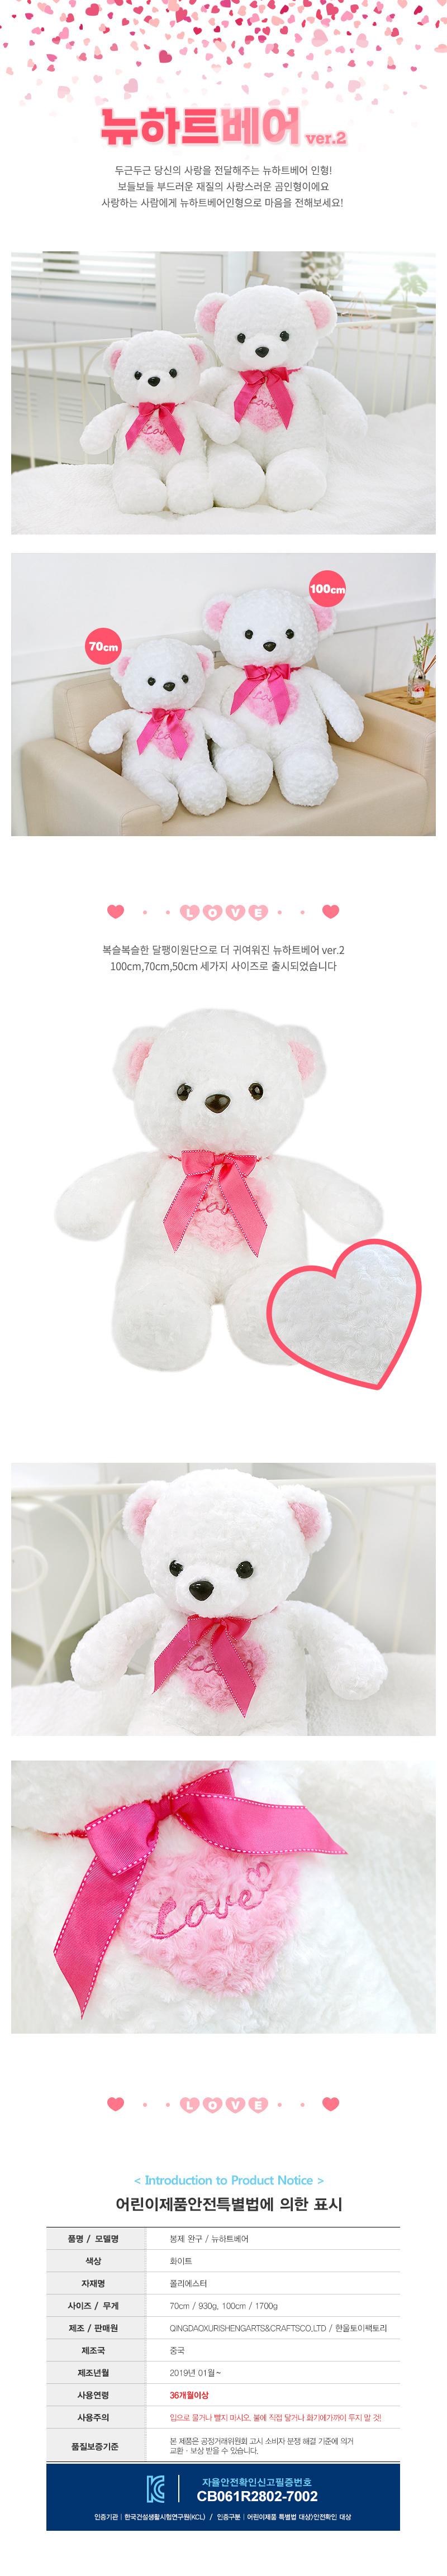 뉴하트베어 ver.2(50cm) - 누리토이즈, 28,000원, 애니멀인형, 곰 인형